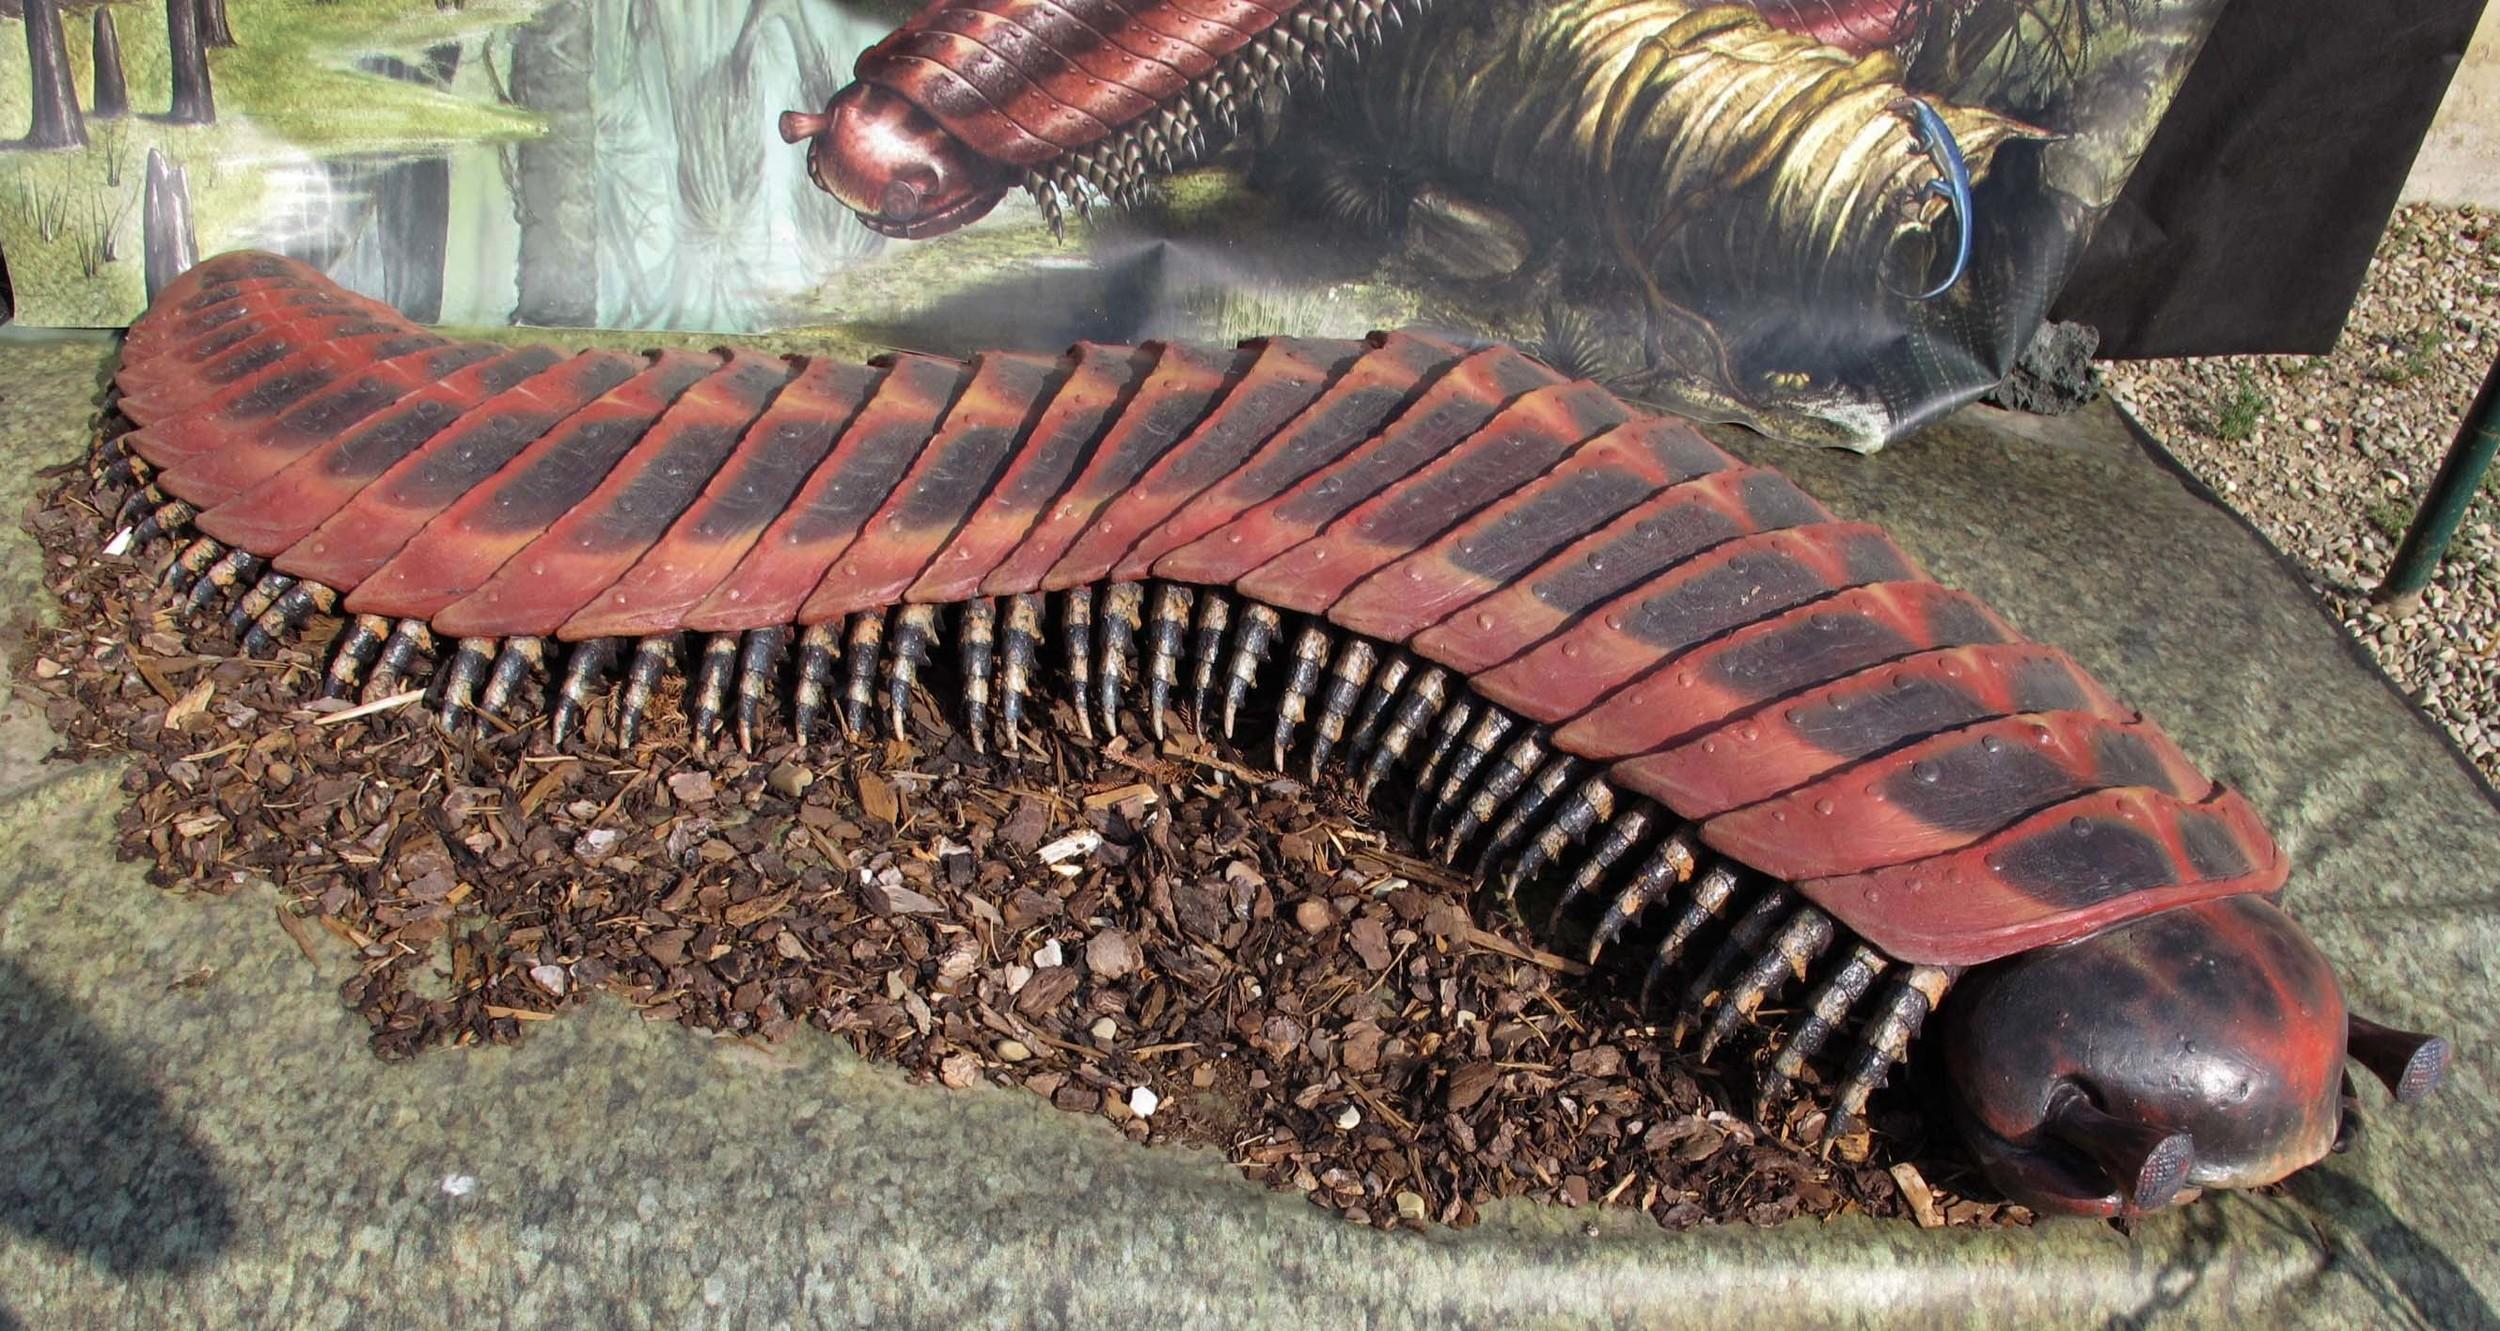 Giant myriapod